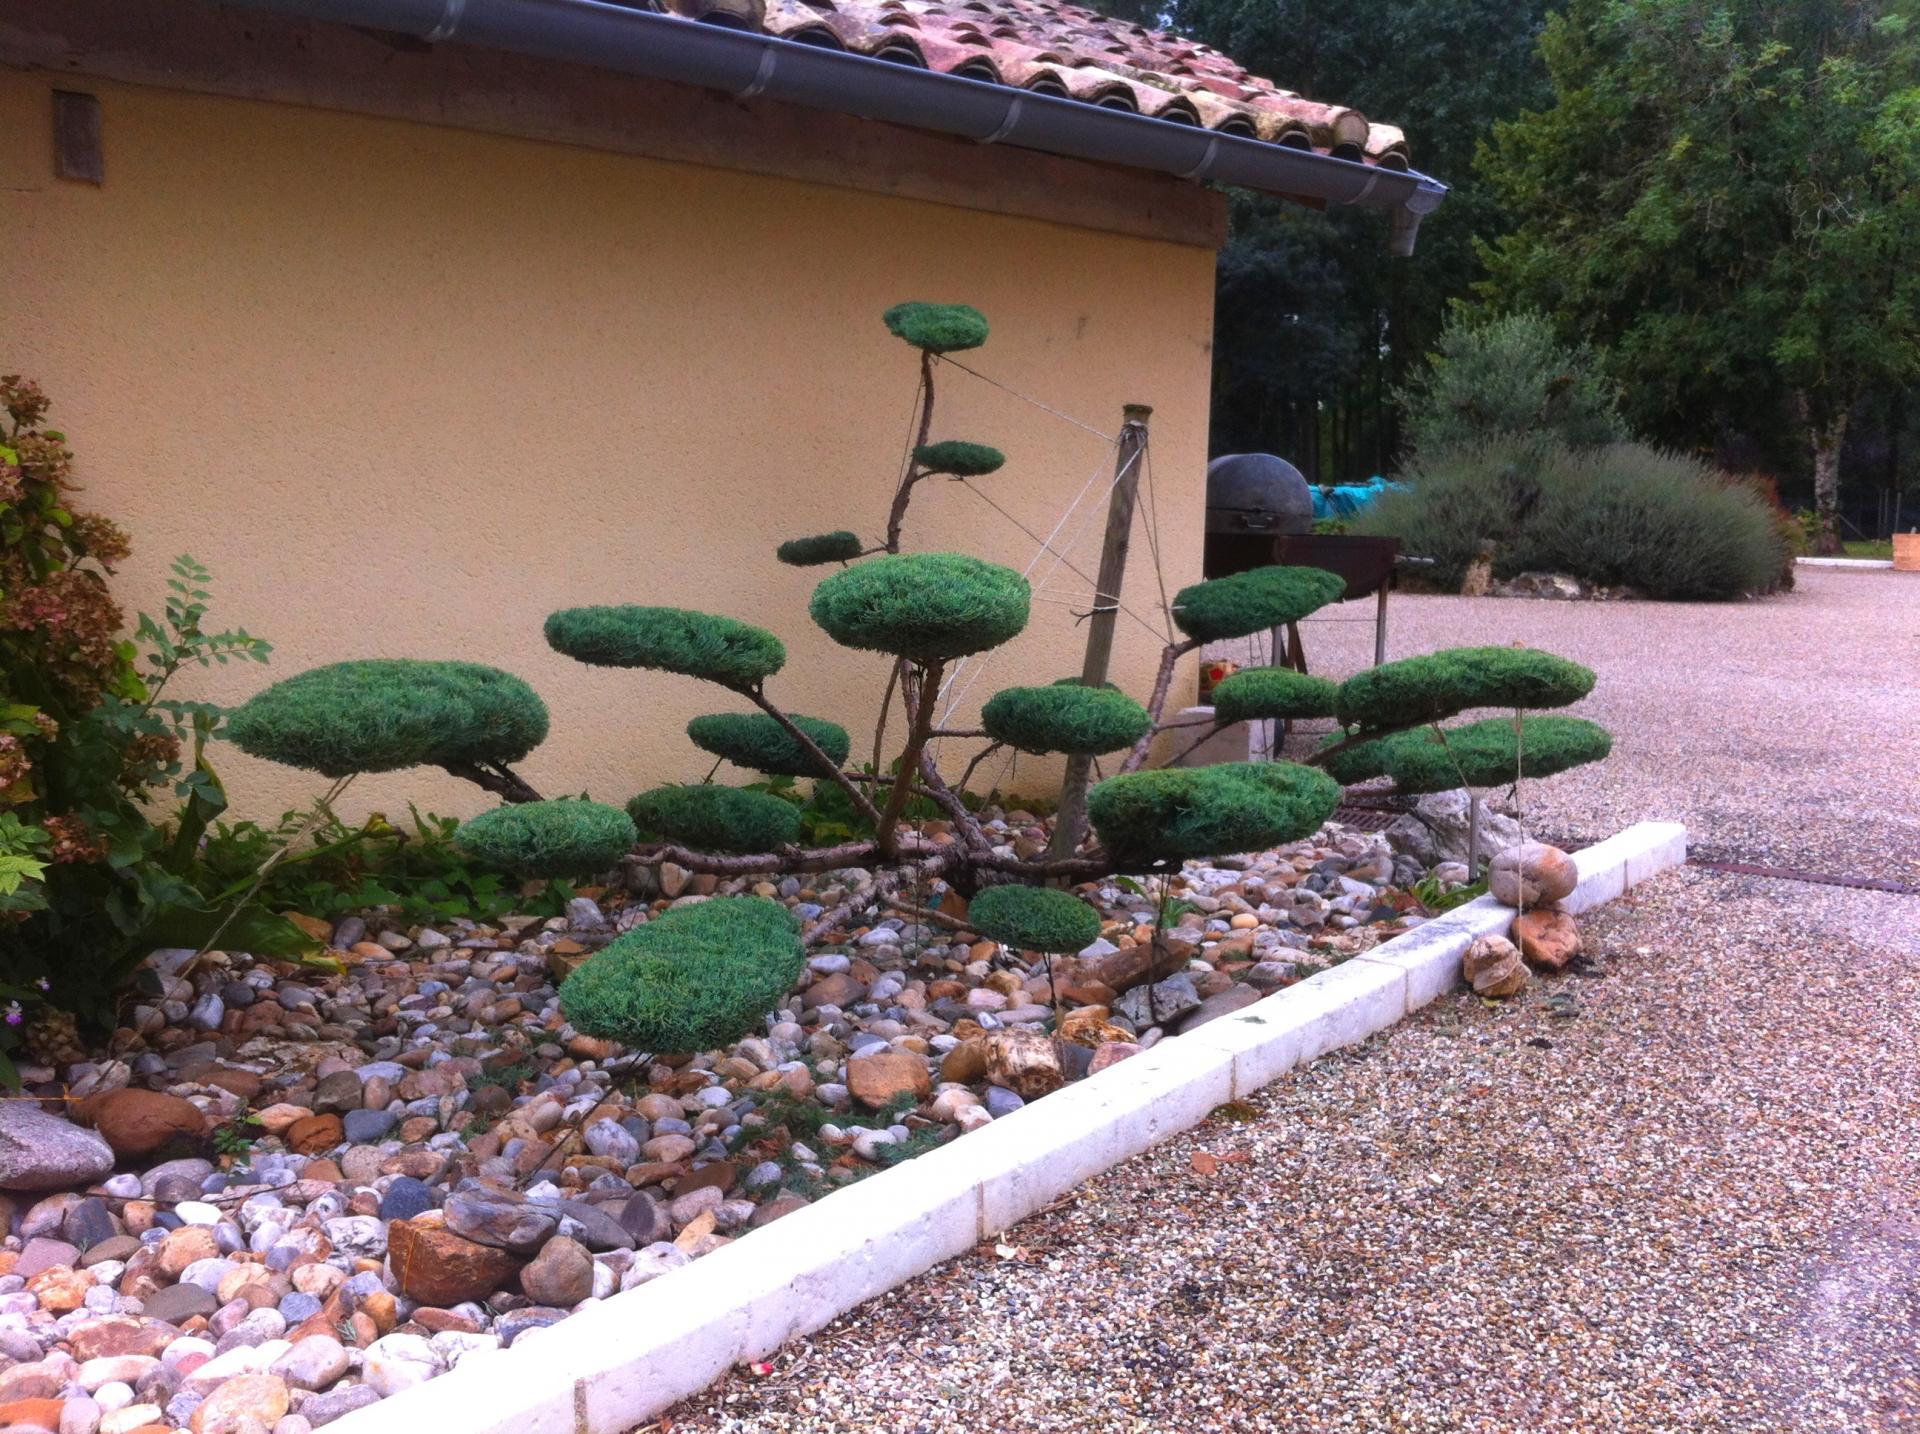 Cr ation niwaki arbre en nuage chez le particulier for Entretien jardinage chez particulier